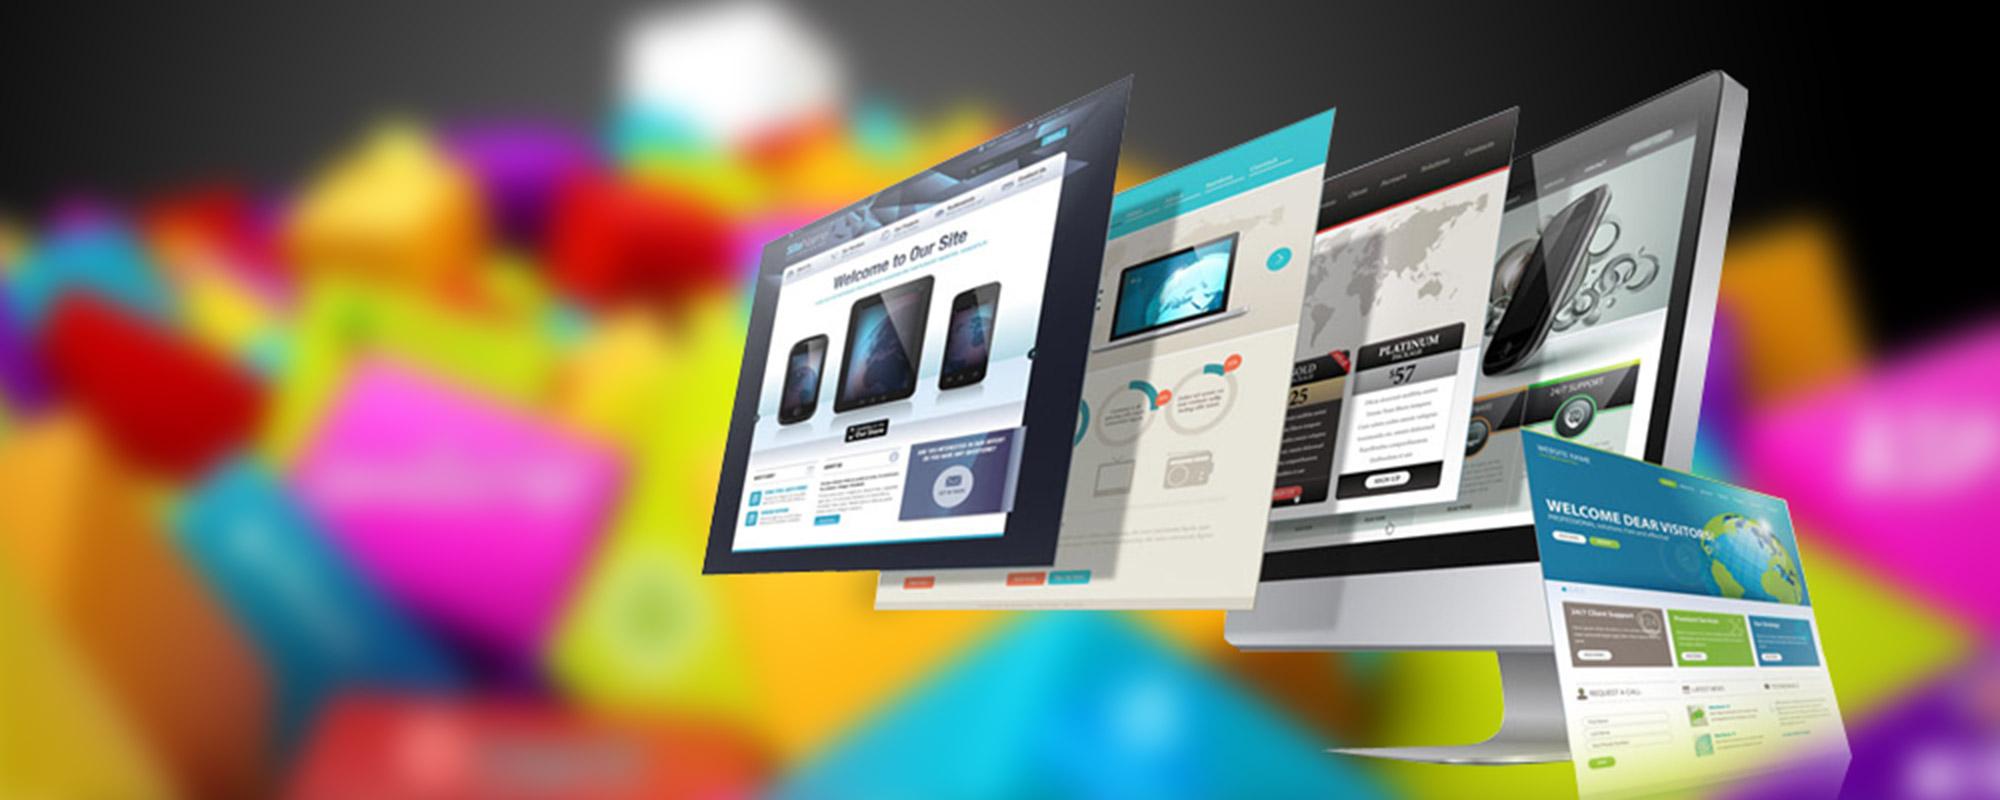 webdesign-banner_big